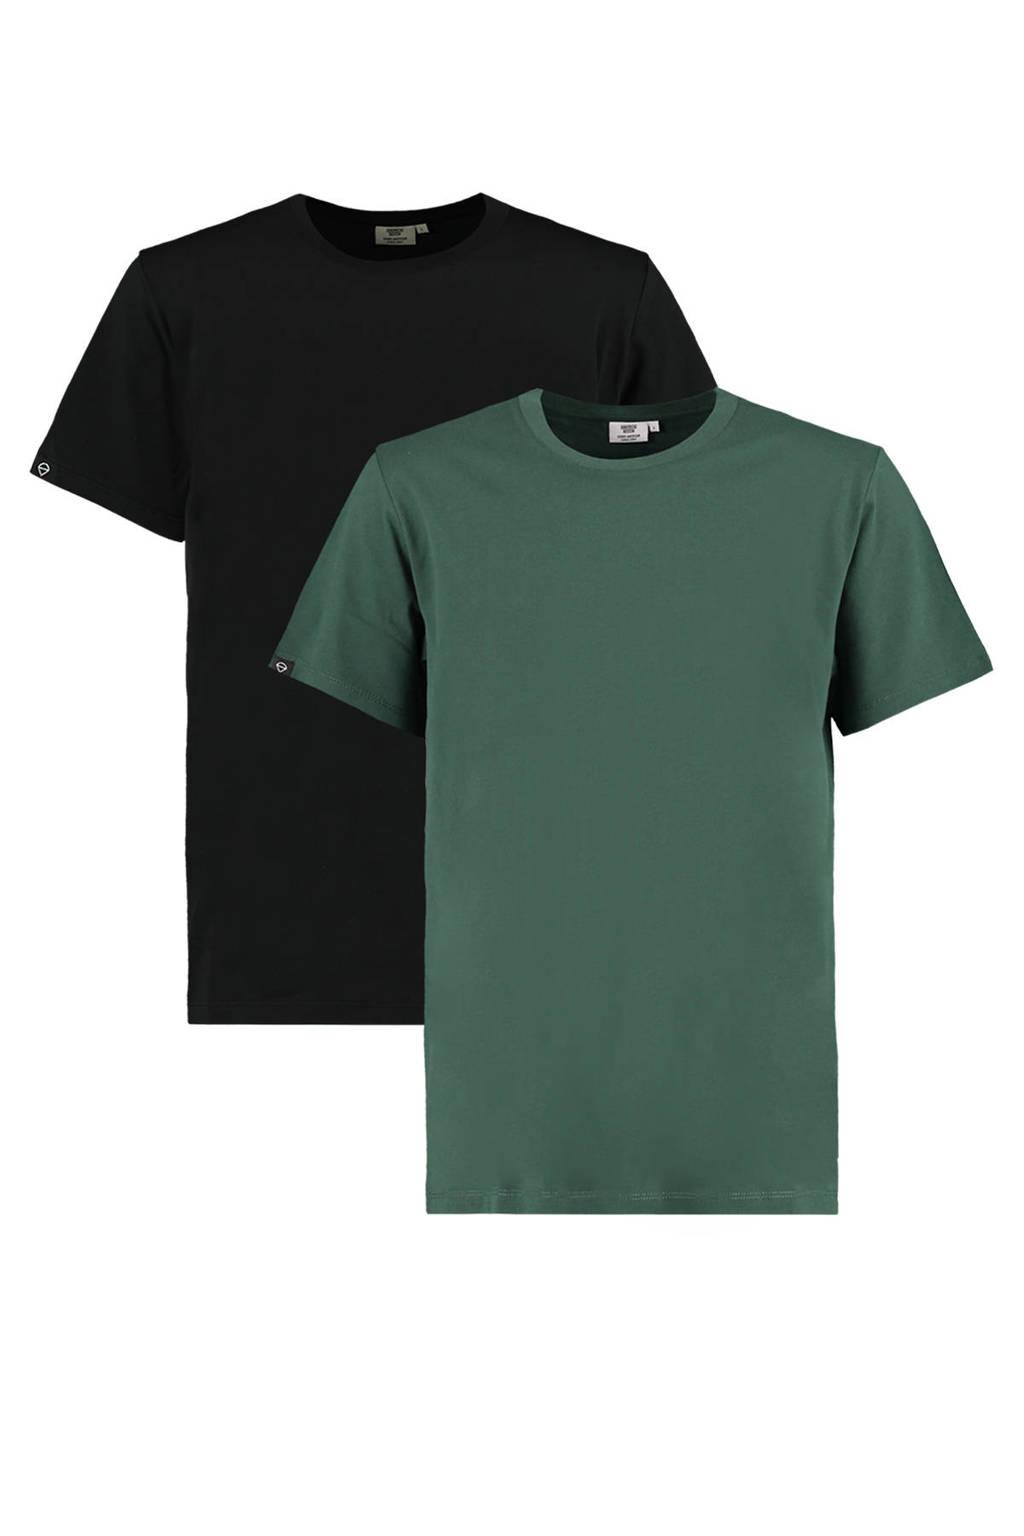 America Today T-shirt Eric - (set van 2), Zwart/groen